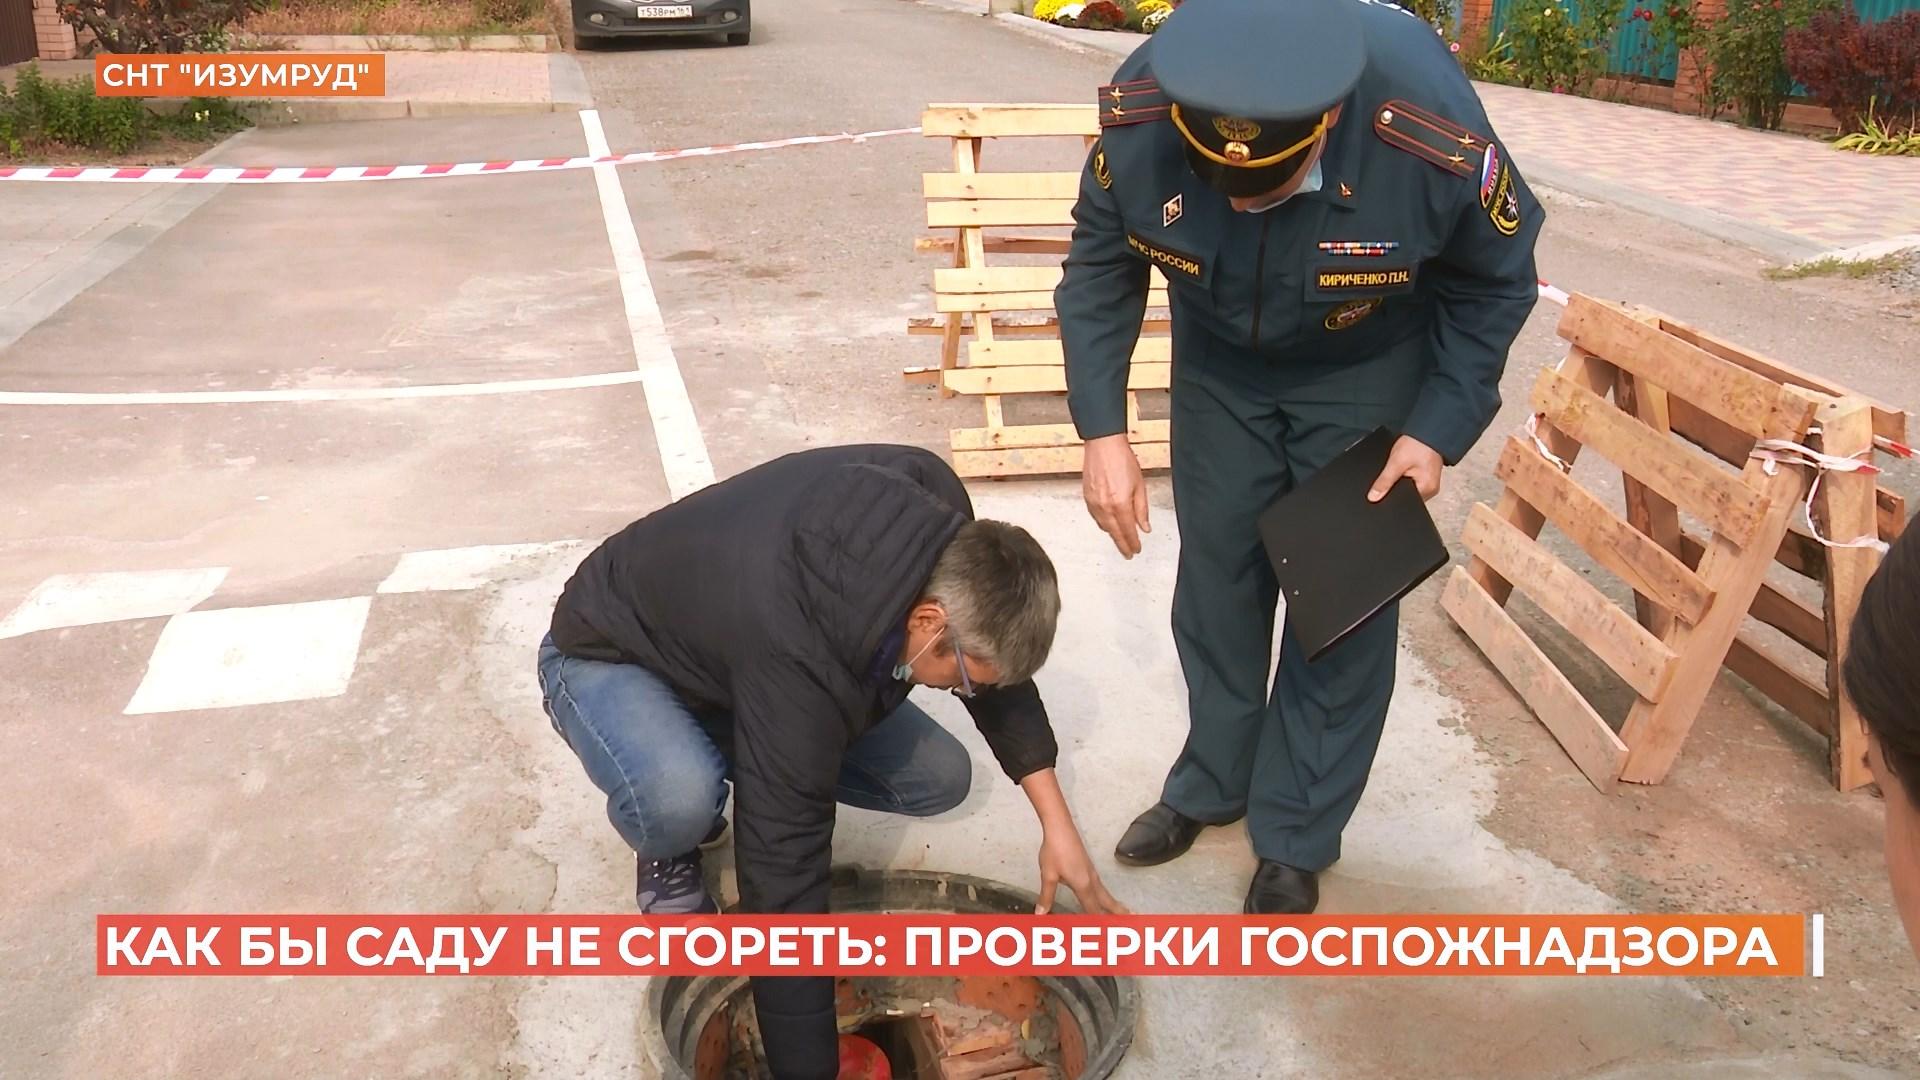 Садовые товарищества проверяют сотрудники Госпожнадзора